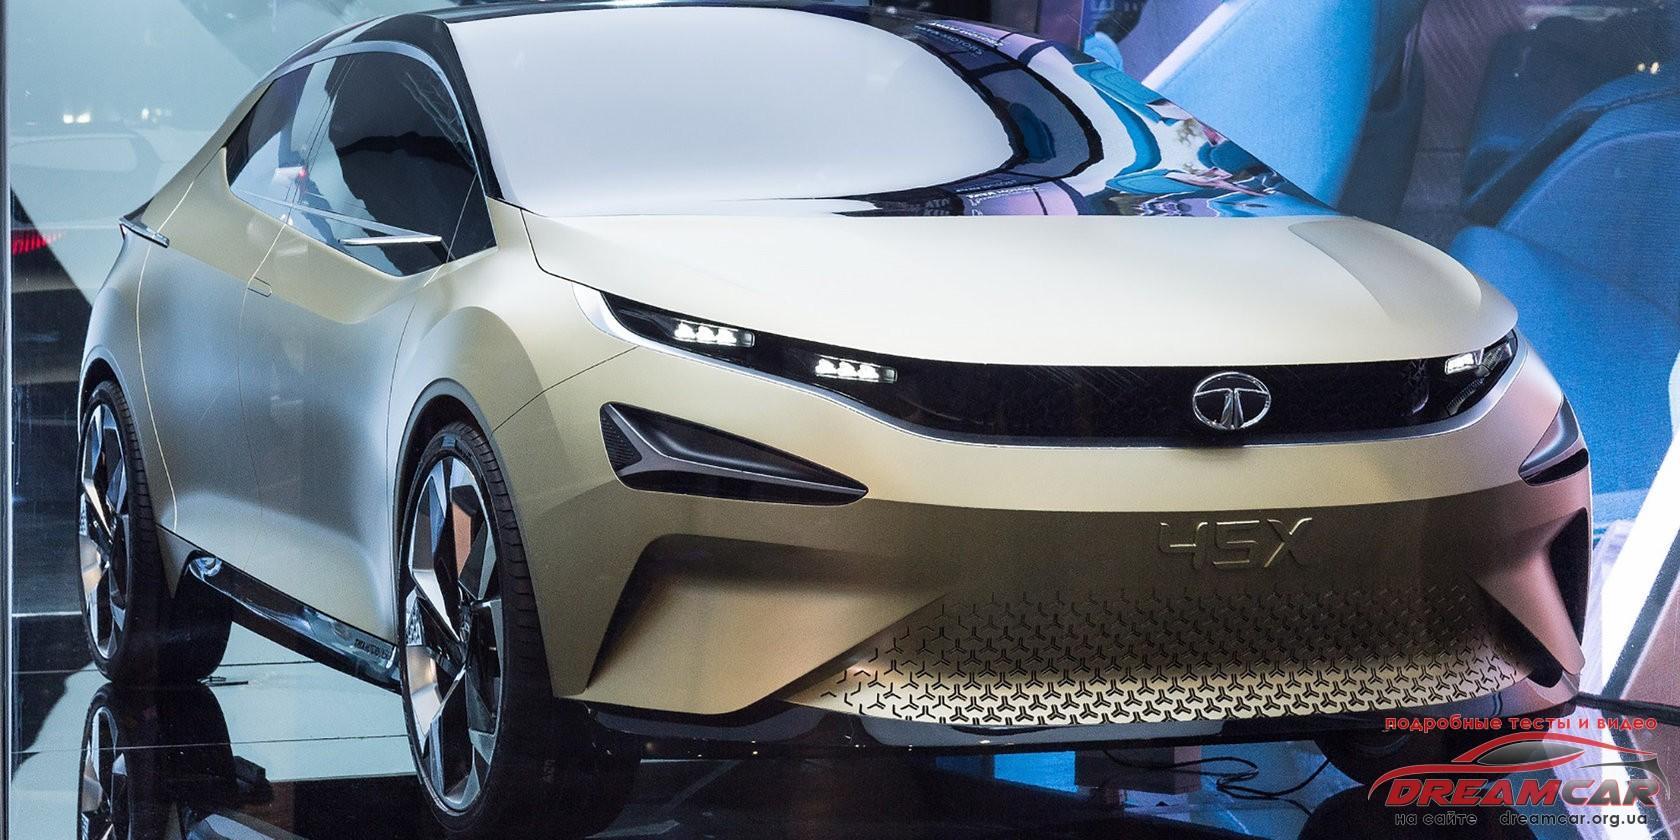 tata-45x-autoexpo-new-delhi